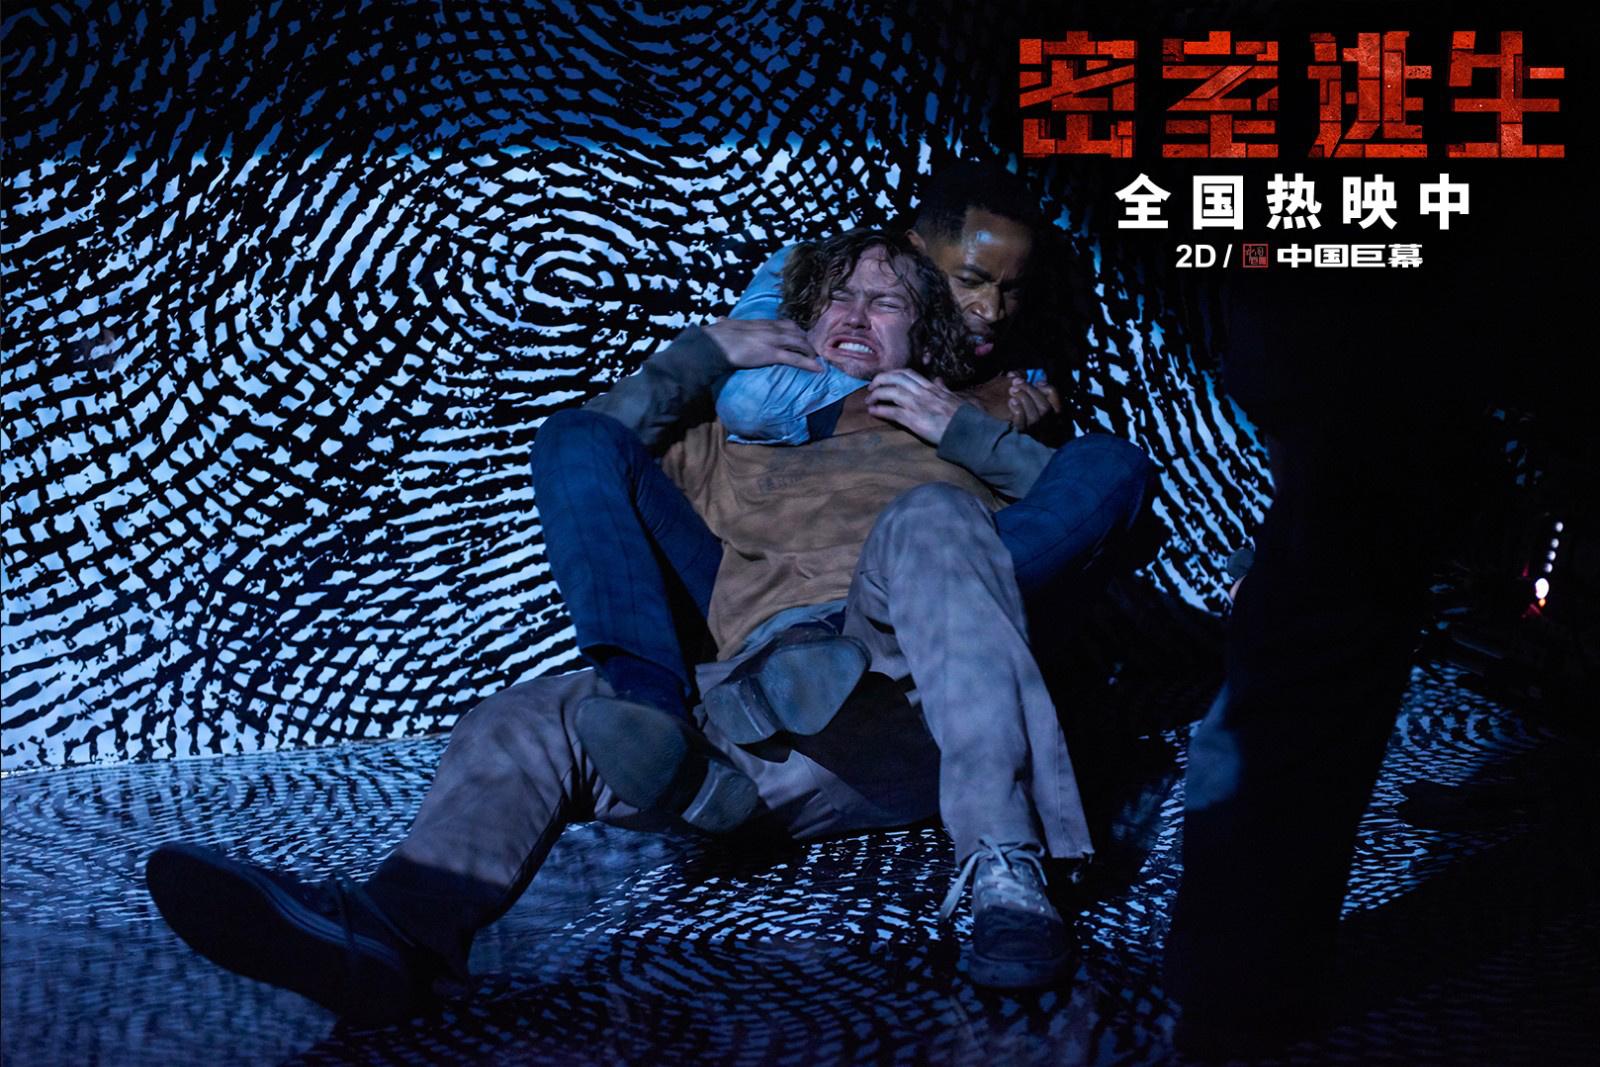 《密室逃生》上座率超《死侍2》 细节回味无穷